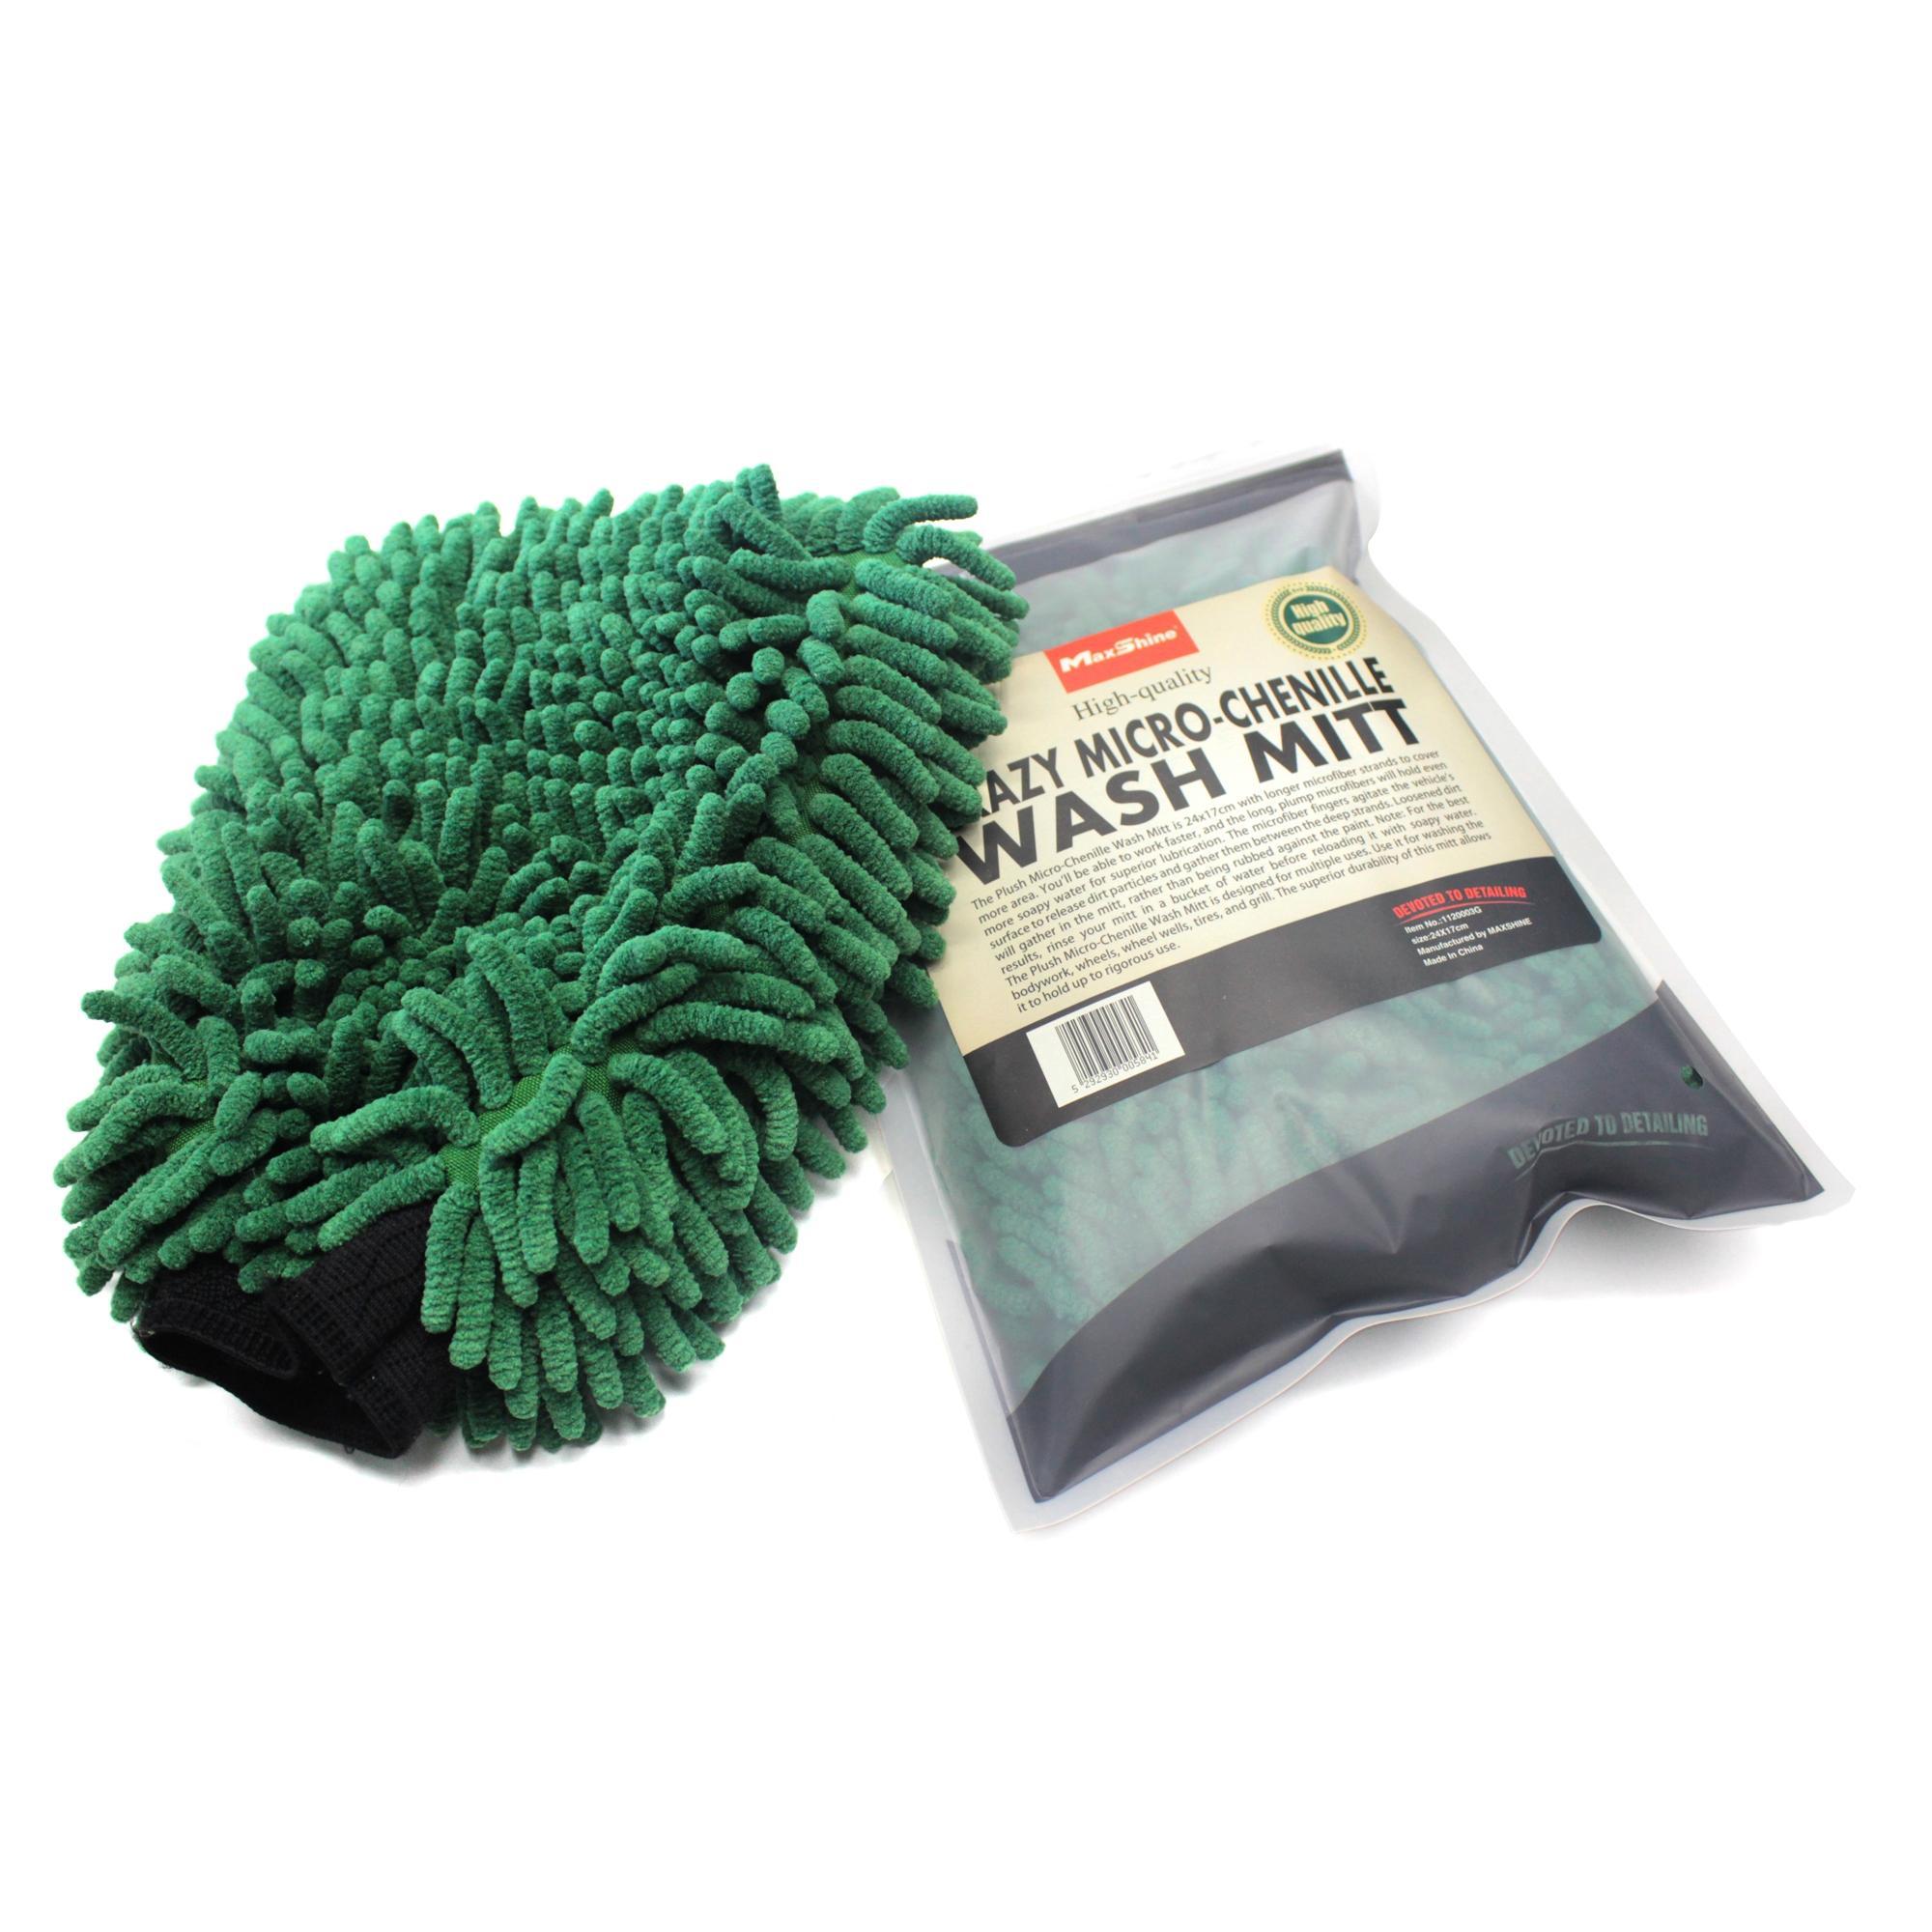 Găng tay rửa xe siêu mềm màu XANH sợi Microfiber giữ bọt MaxShine Crazy Micro-Chenille Wash Mitt 24x17cm 1120003G